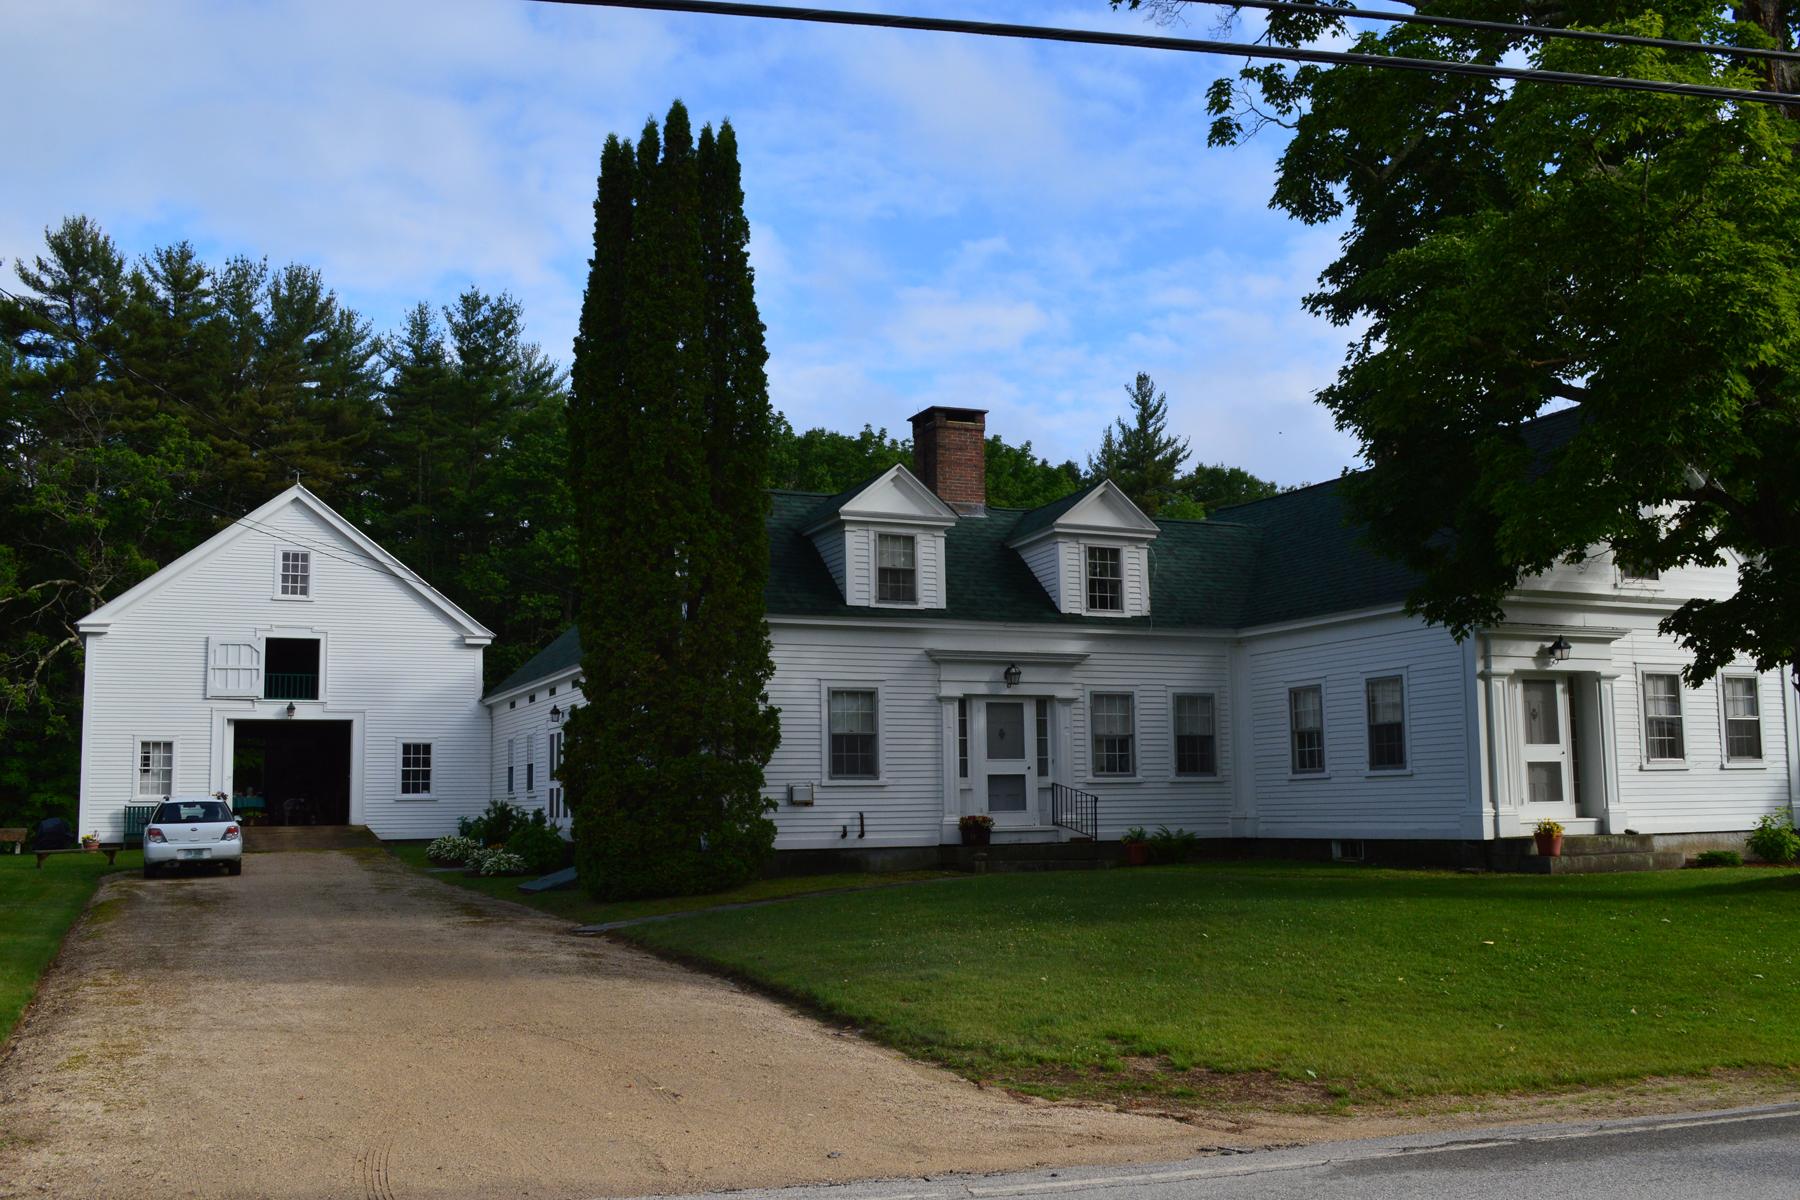 一戸建て のために 売買 アット Historic Snowville, NH 190 Brownfield Rd Eaton, ニューハンプシャー 03832 アメリカ合衆国